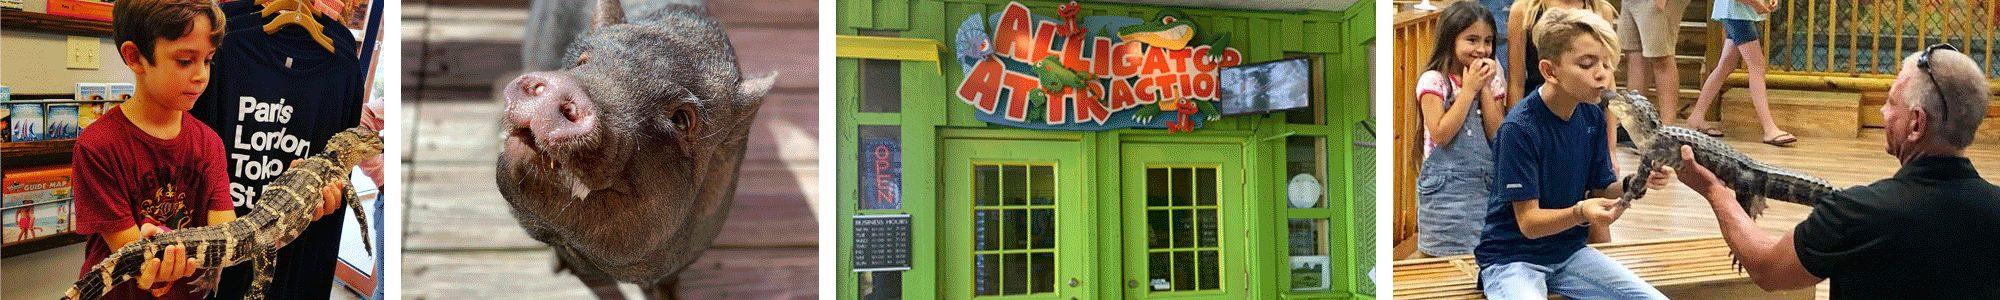 Alligator Attraction Banner